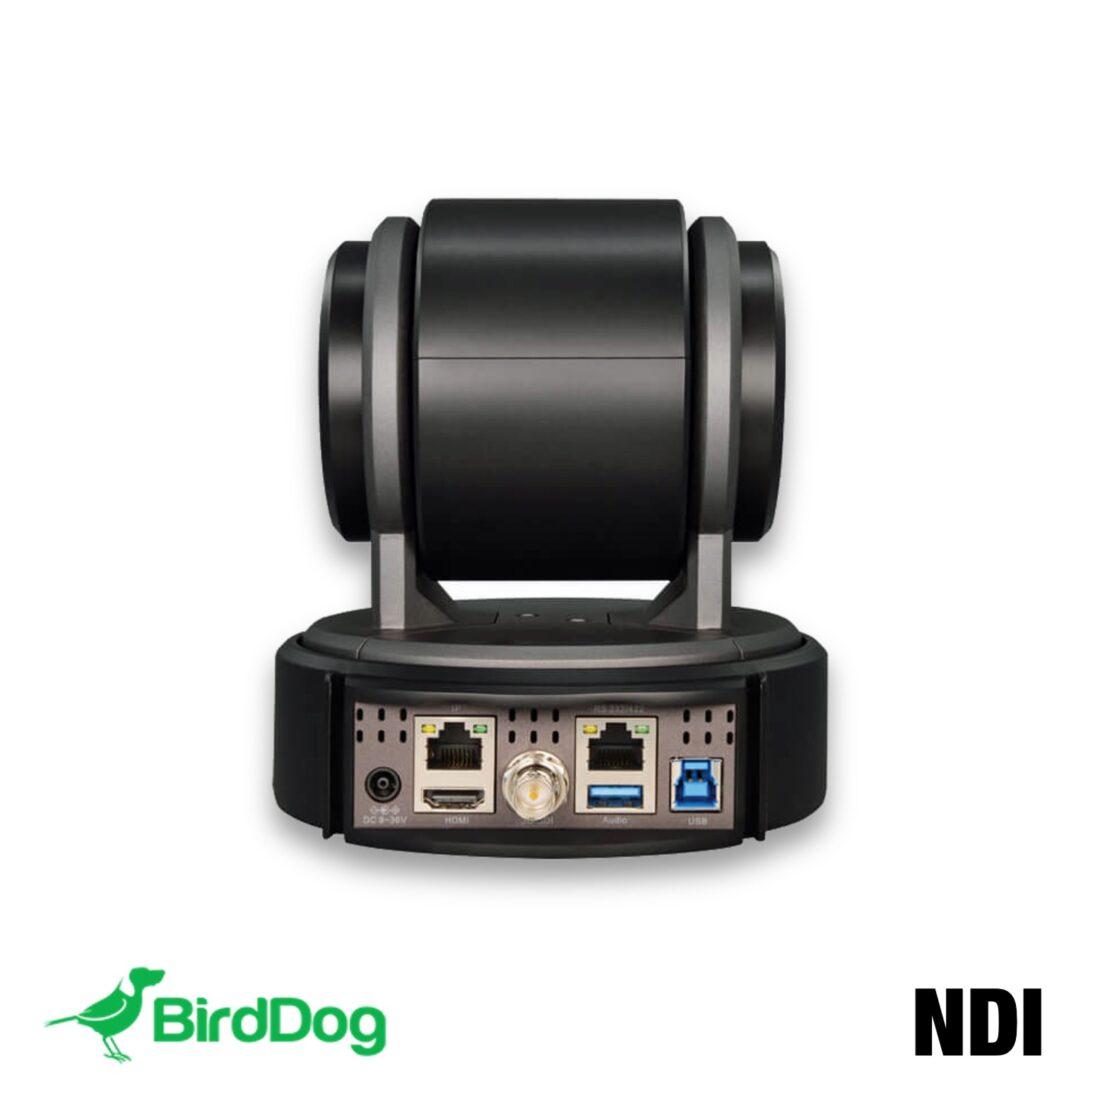 BirdDog NDI P100